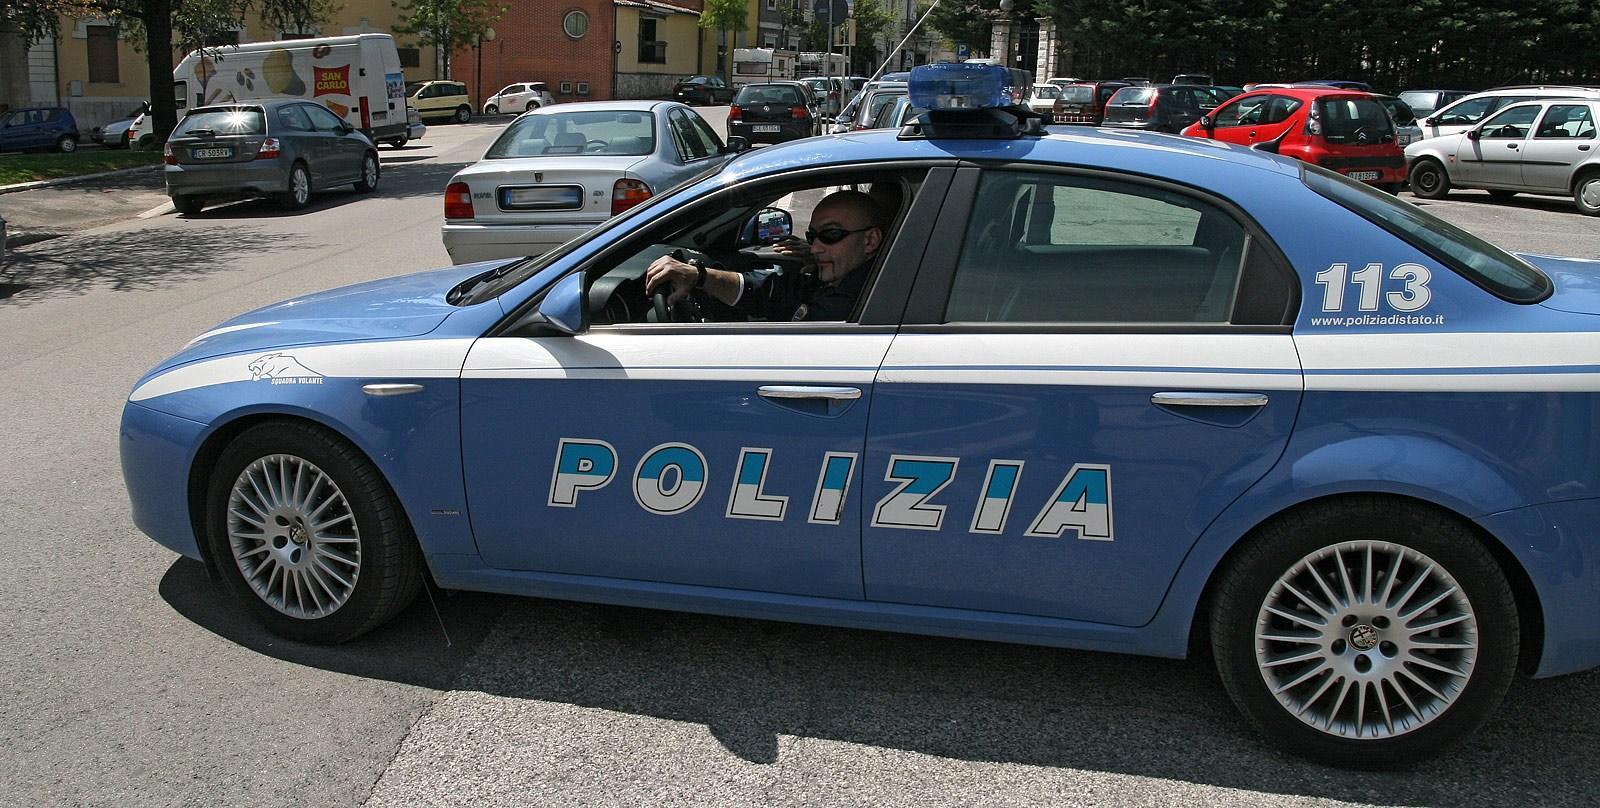 polizia  volante in corsa